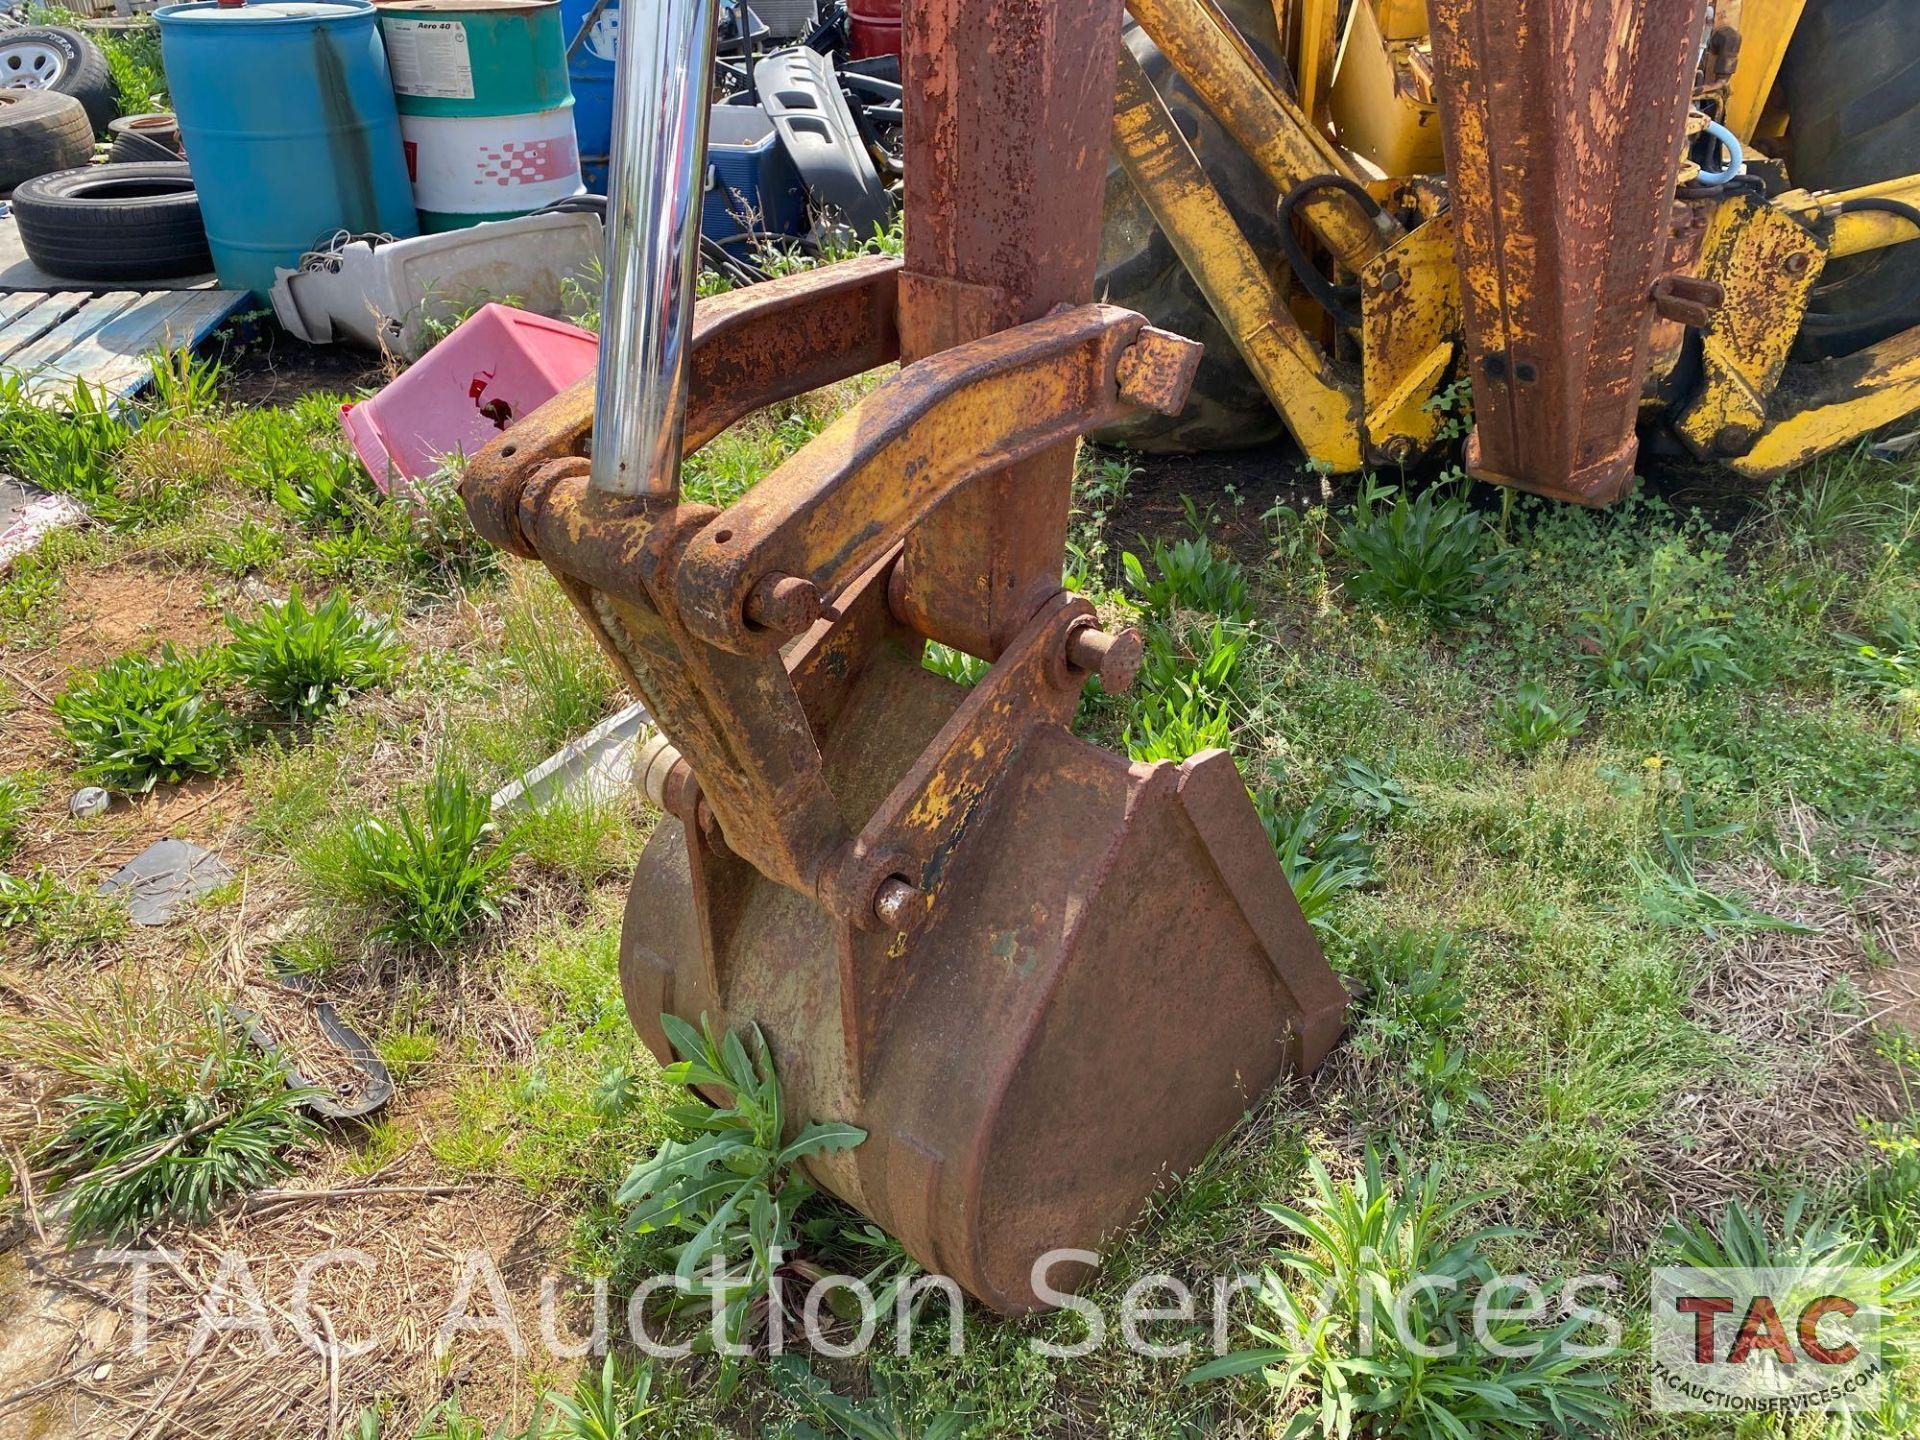 Massey Ferguson 50C Loader Backhoe - Image 7 of 45